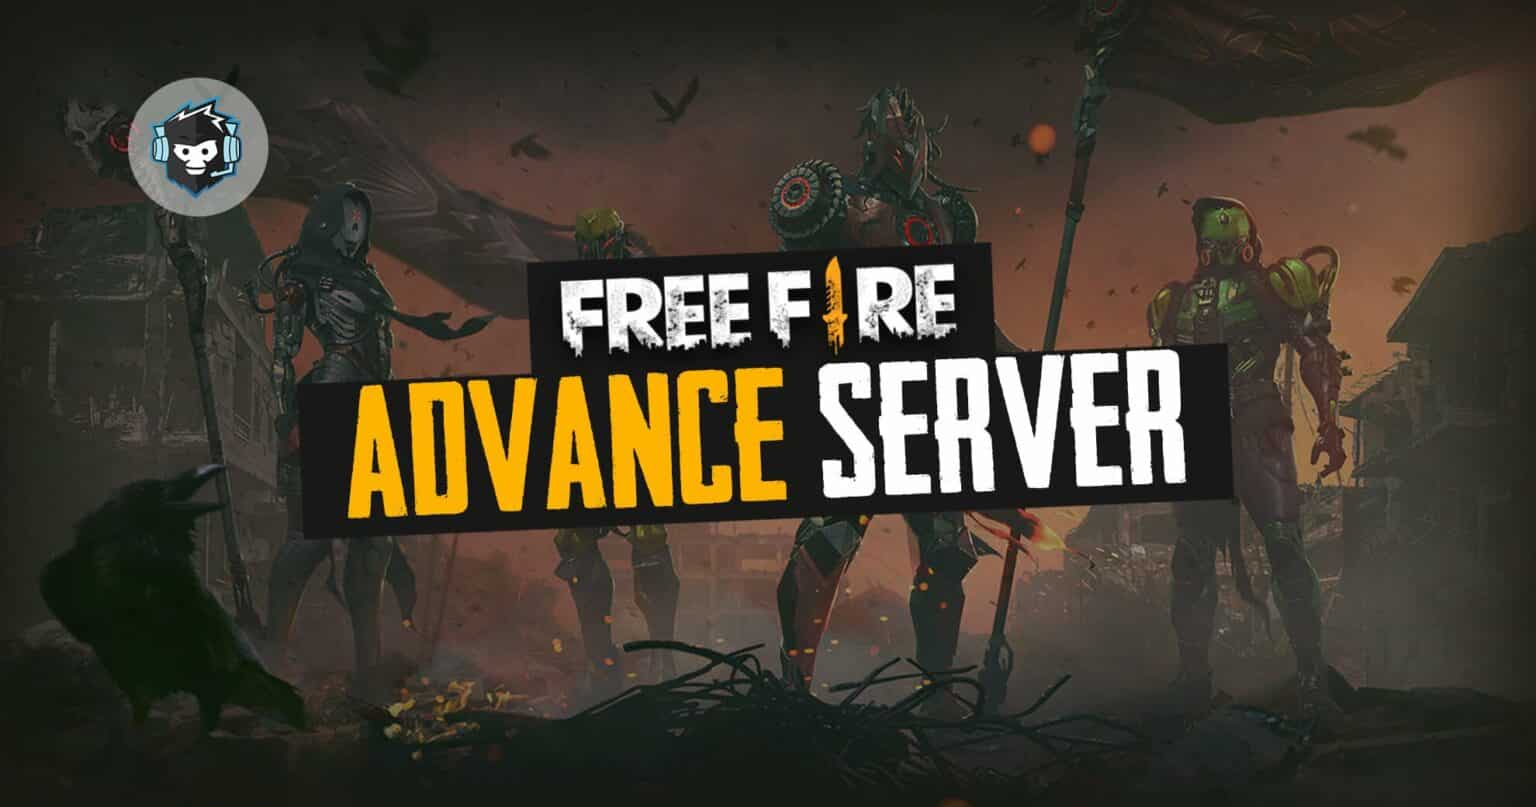 Cara-Mudah-Daftar-FF-Advance-Server-Periode-Juli-2021